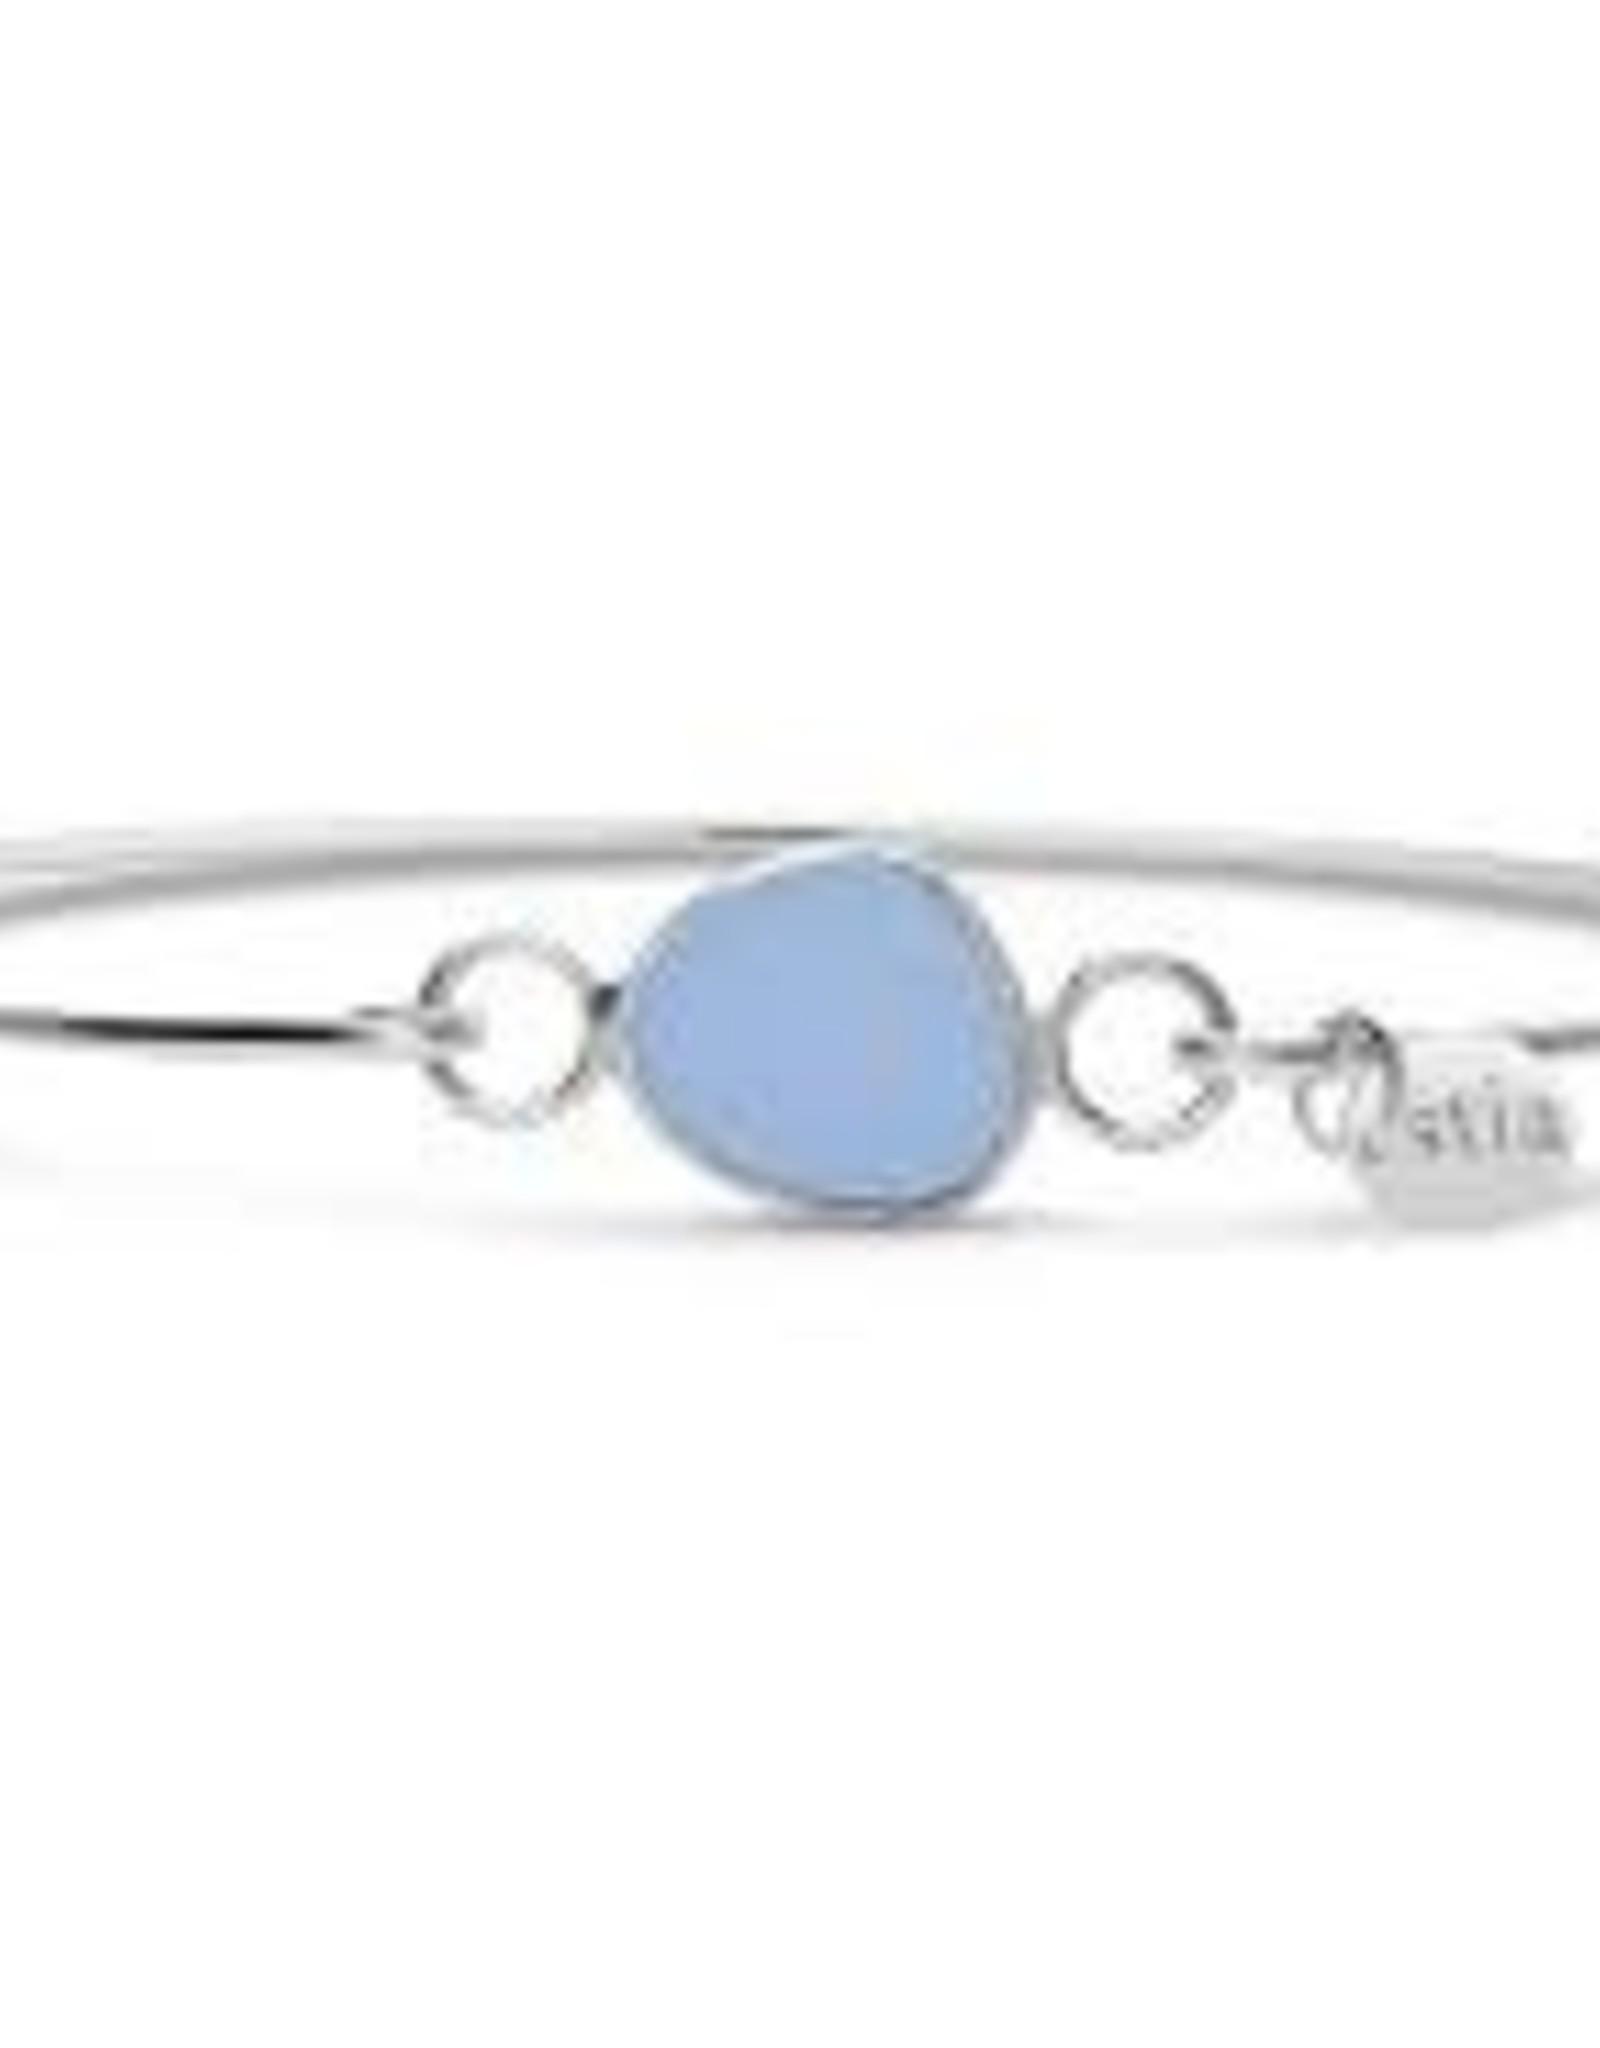 Stia Jewelry Seaglass Sentiments Bracelet